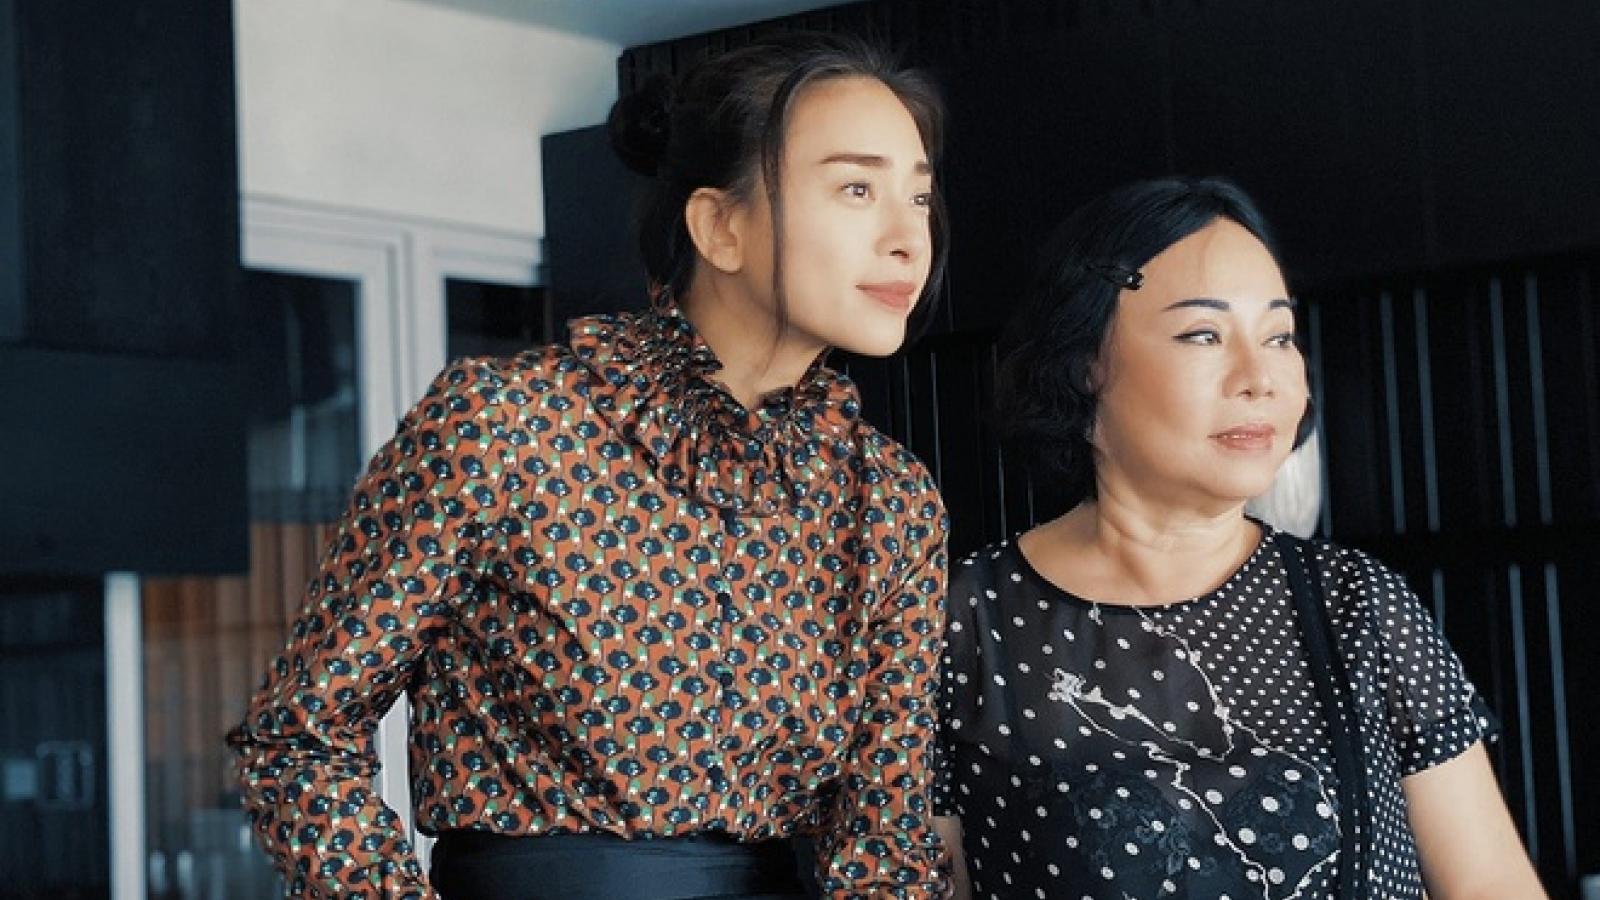 Dàn sao Việt tri ân thầy cô nhân ngày Nhà giáo Việt Nam (20/11)